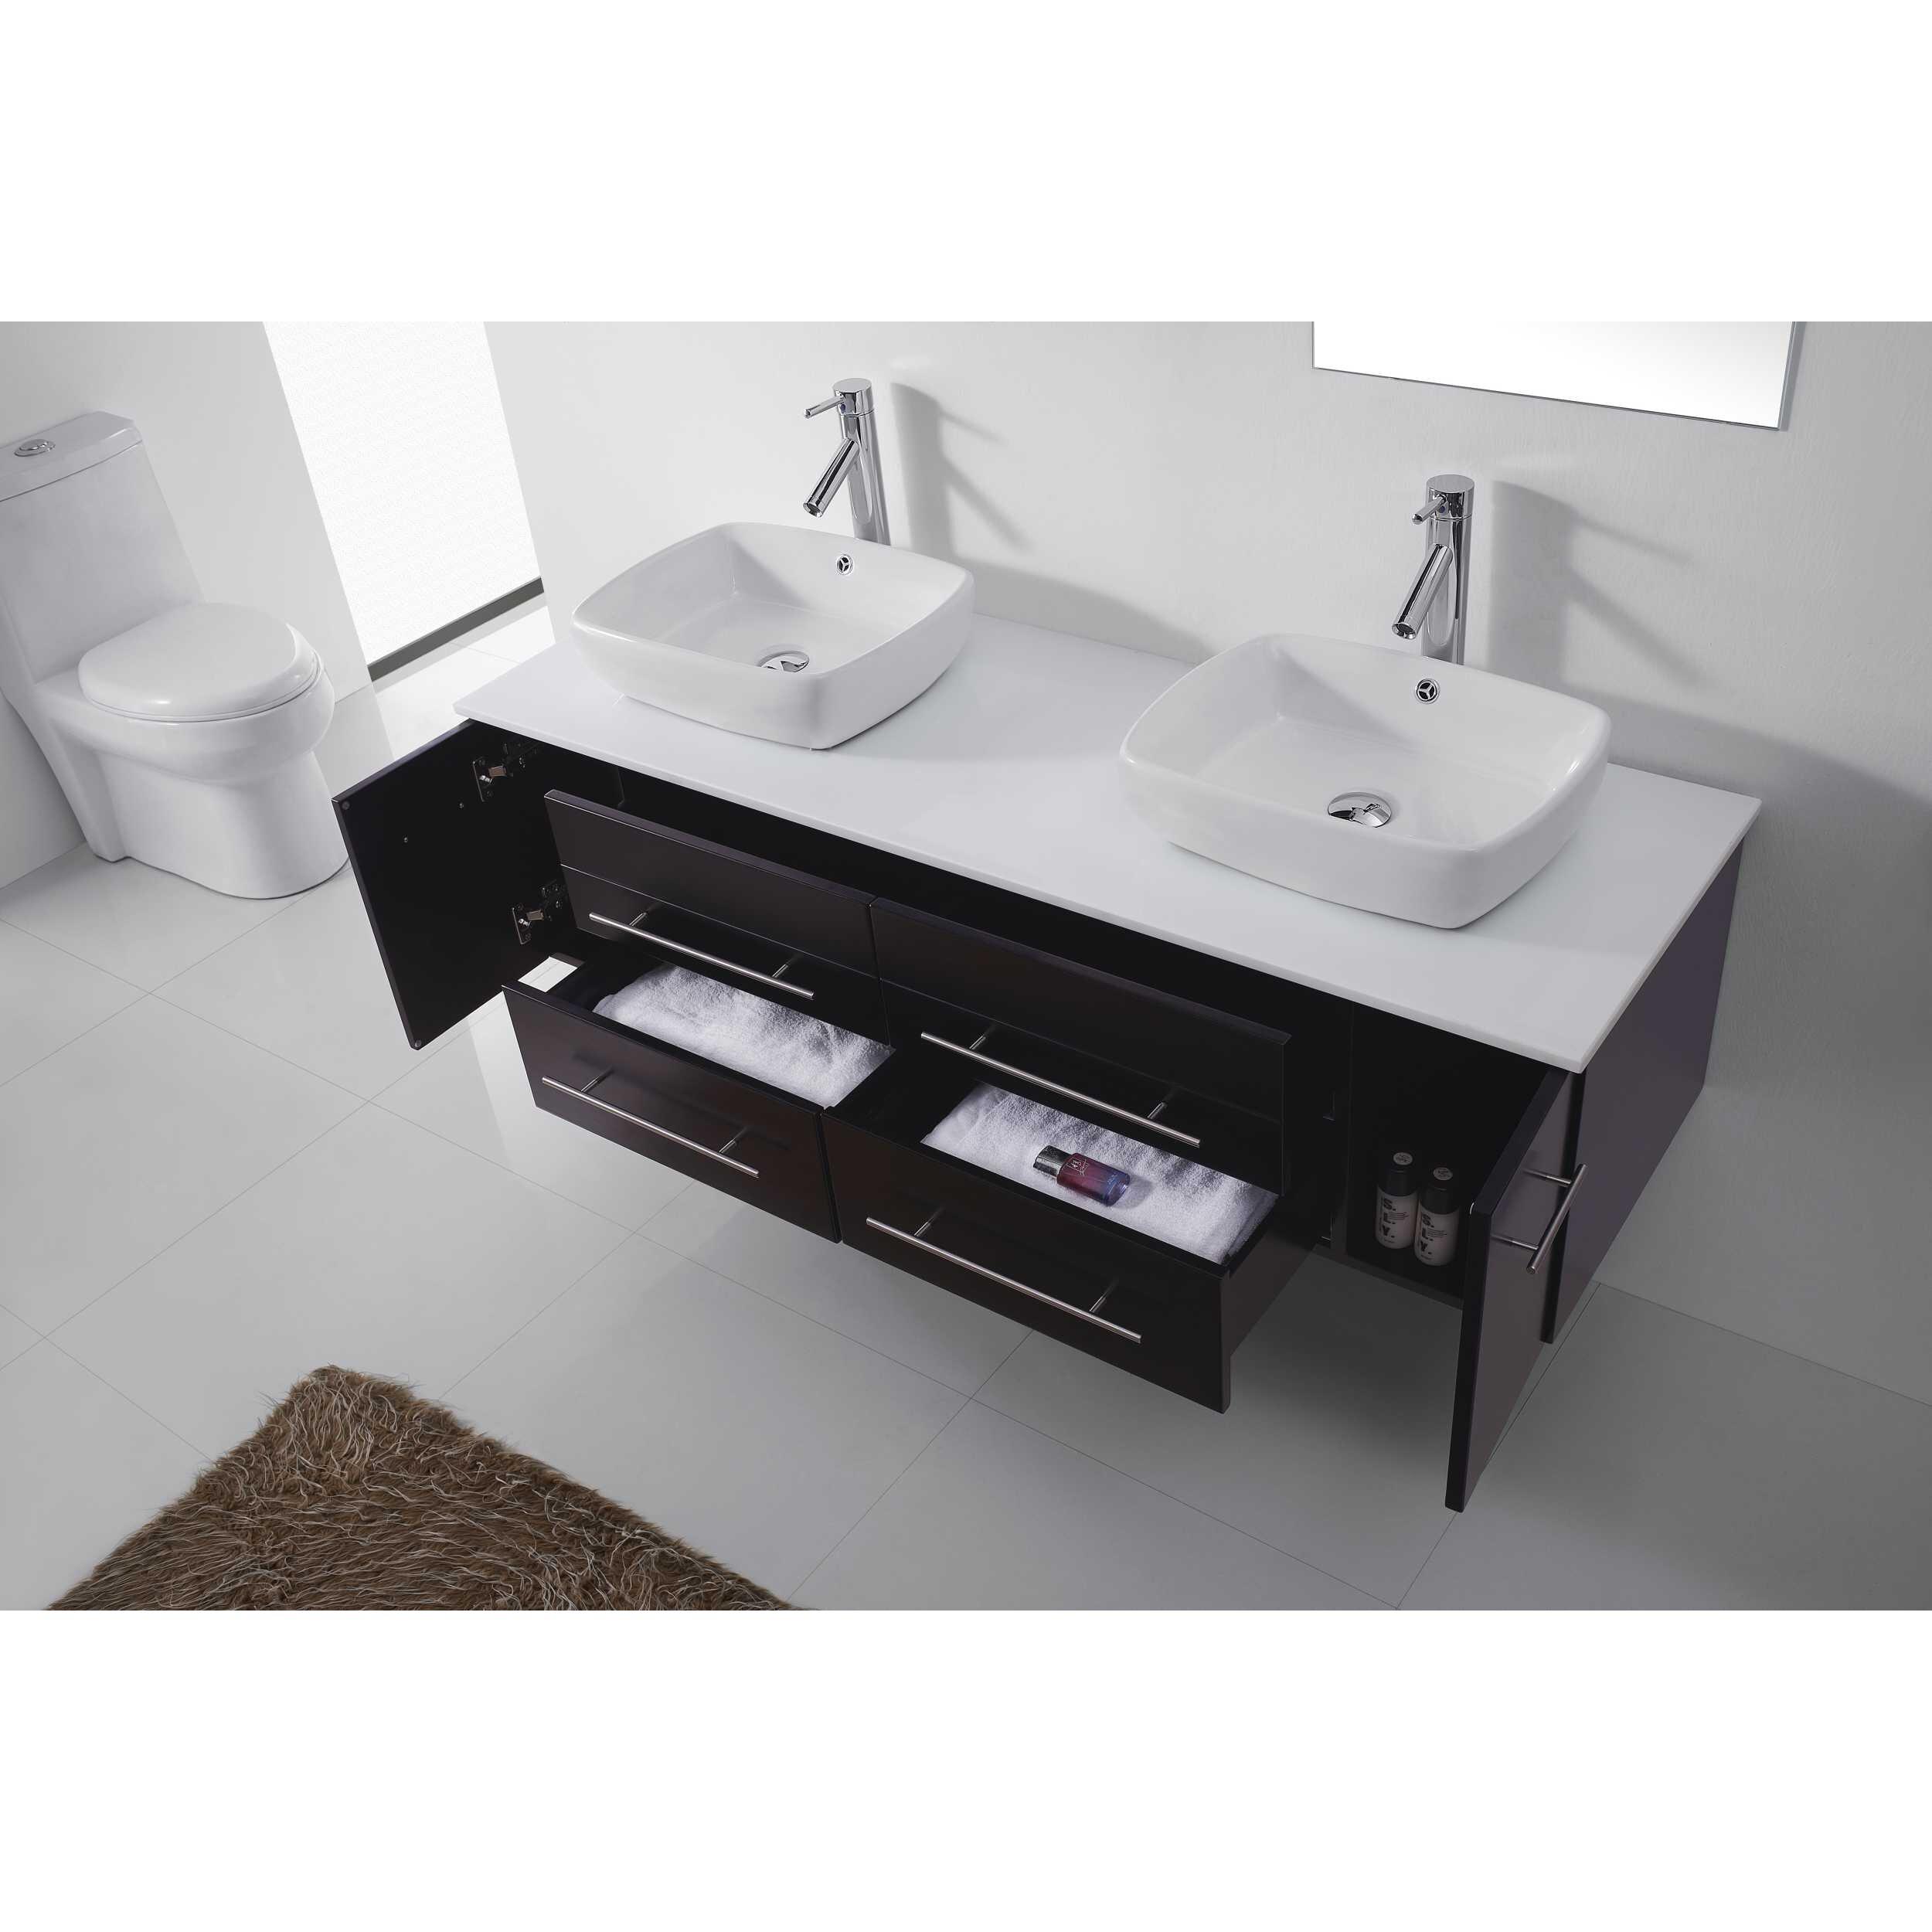 Bathroom Vanities Massachusetts 100+ ideas bathroom vanities in massachusetts on www.weboolu